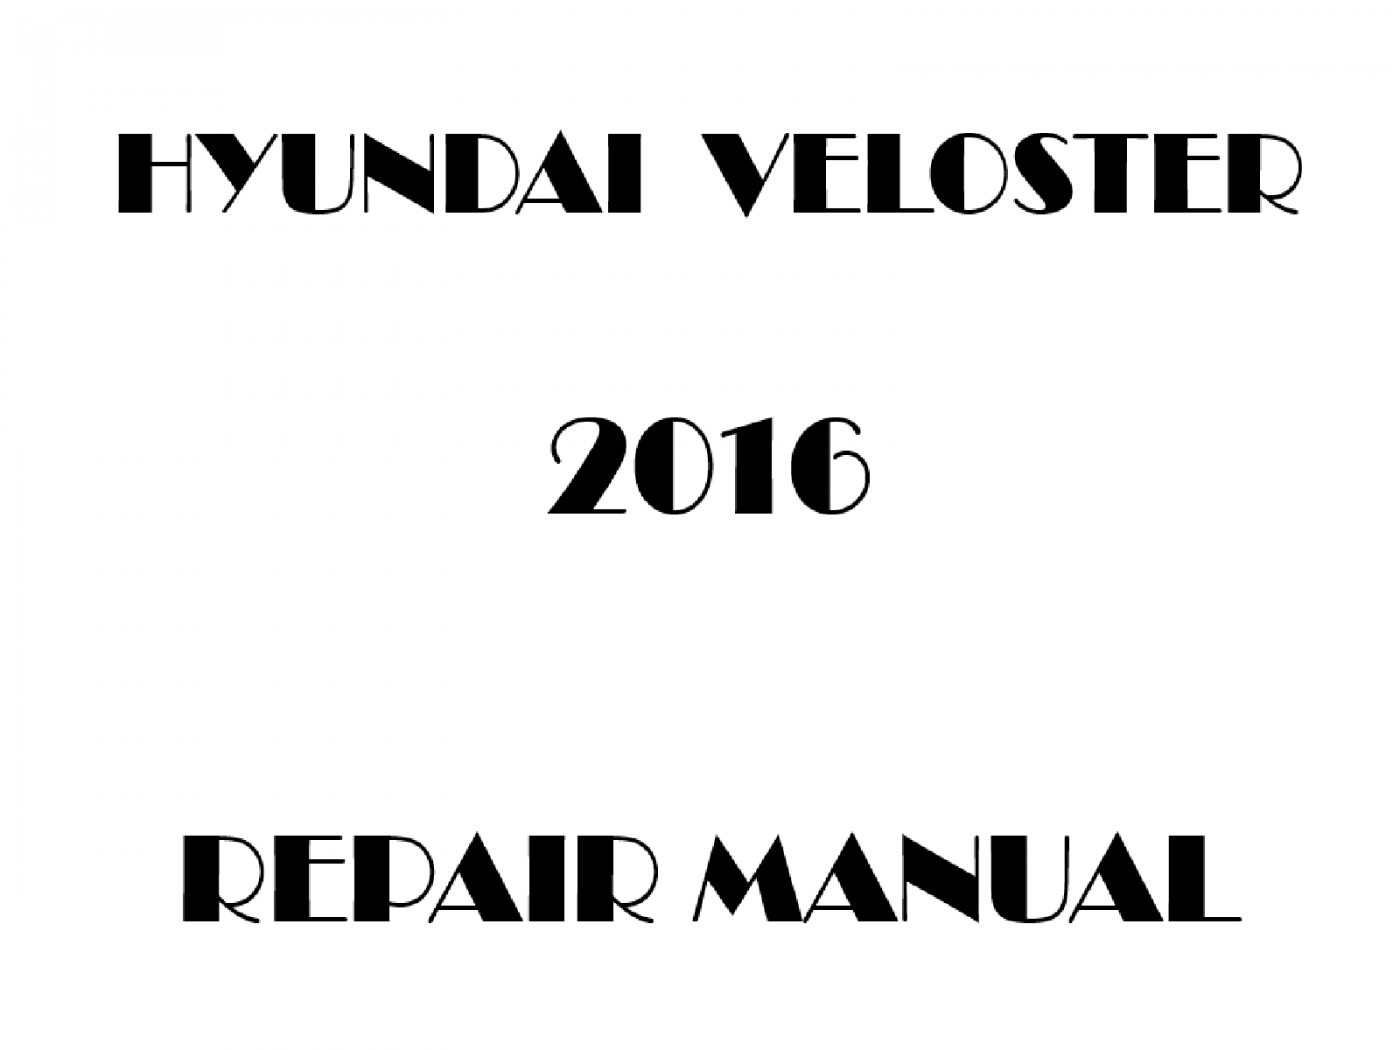 2016 Hyundai Veloster repair manual